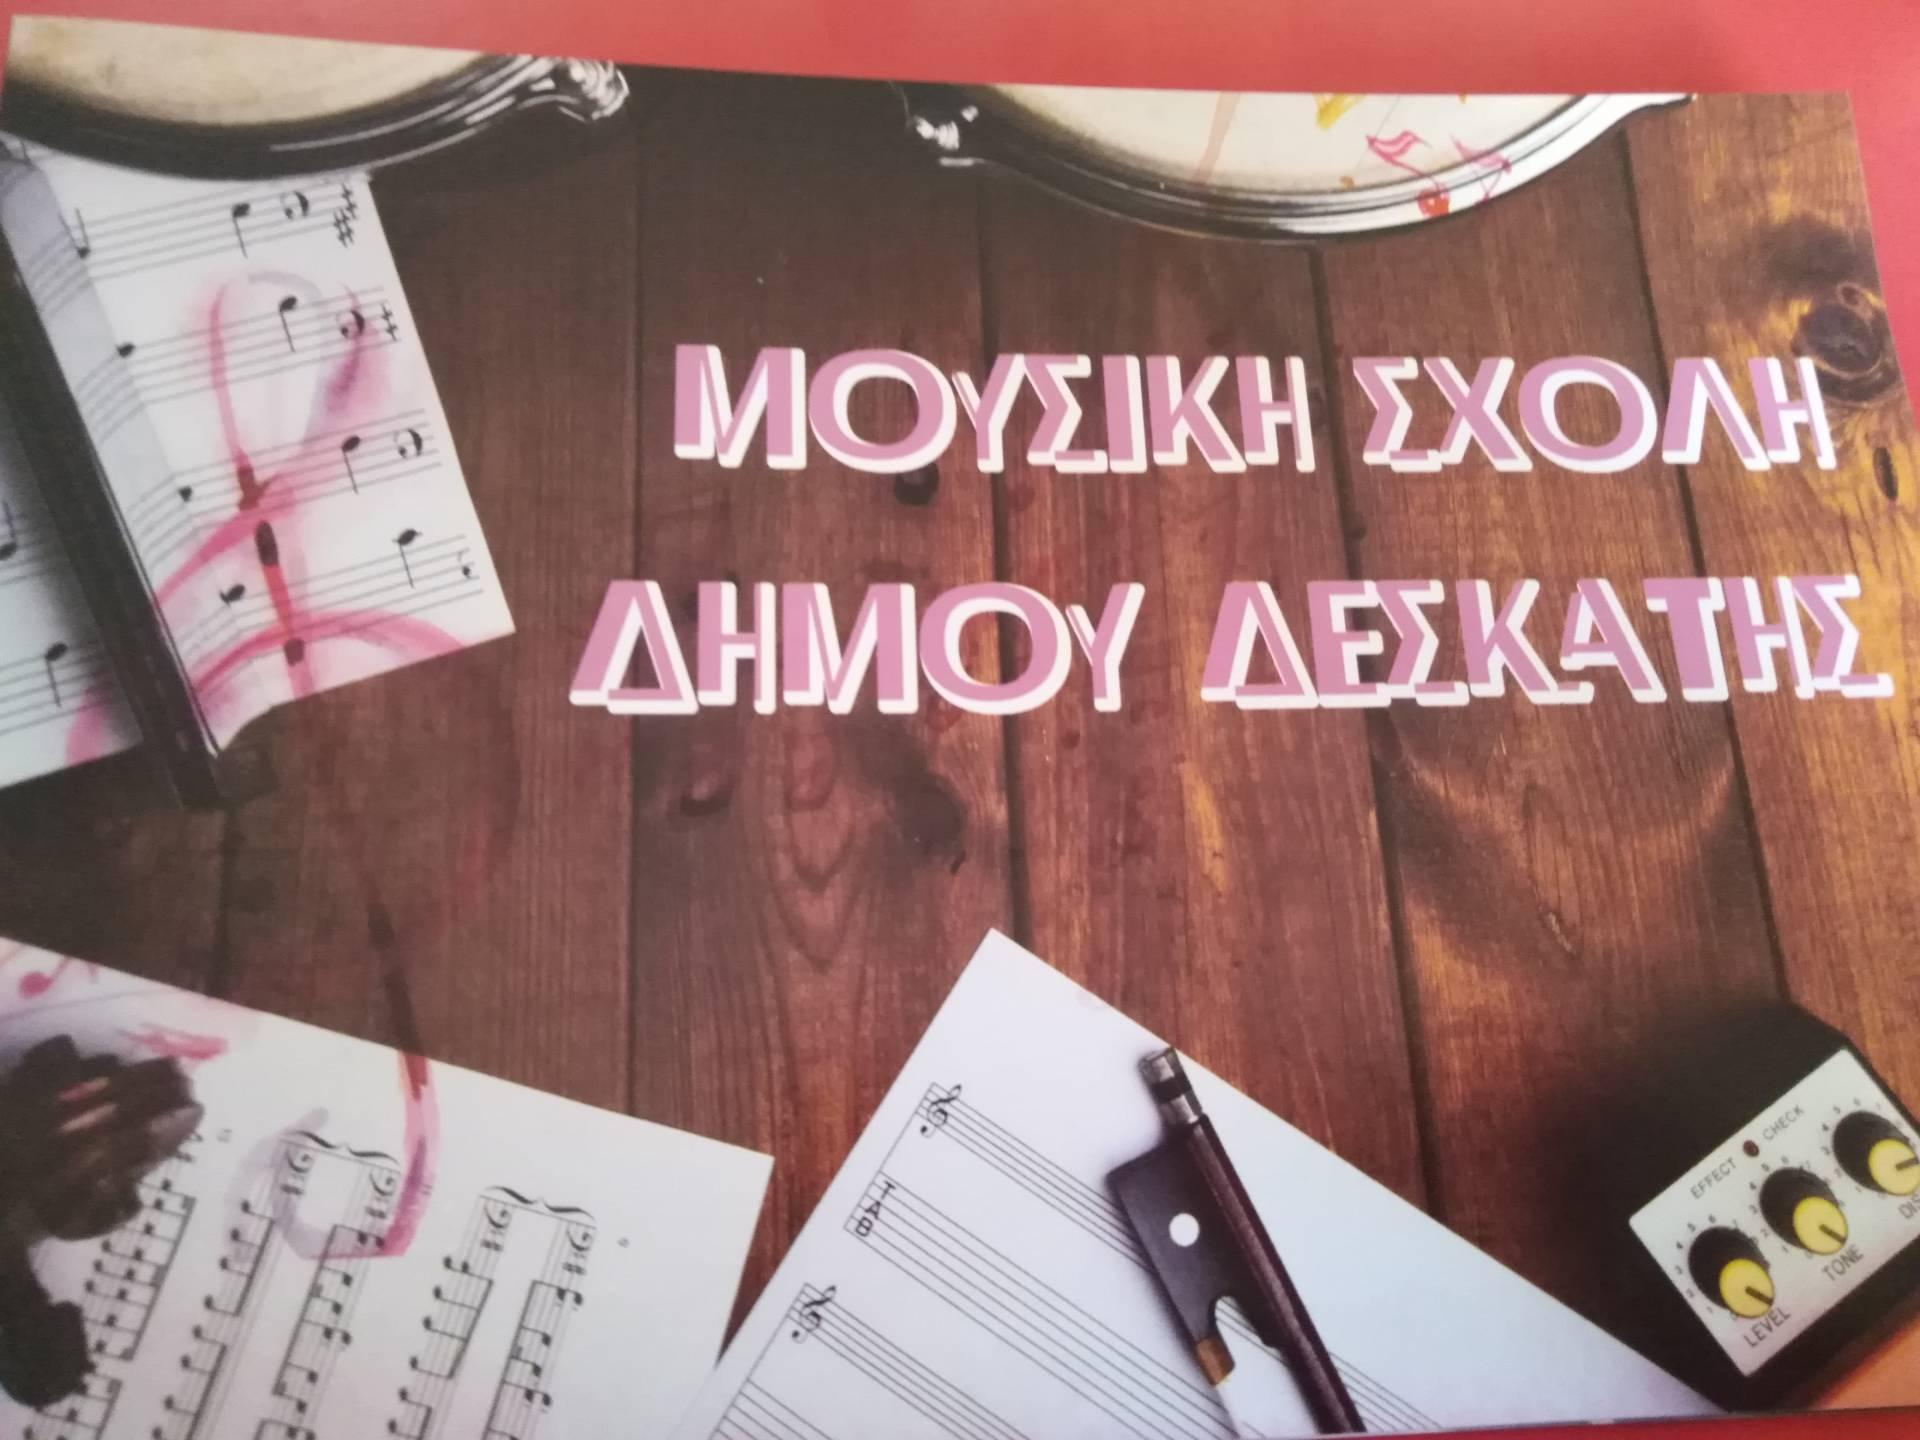 Μουσική Σχολή Δήμου Δεσκάτης- Οι εγγραφές για τη νέα χρονιά ξεκίνησαν!!